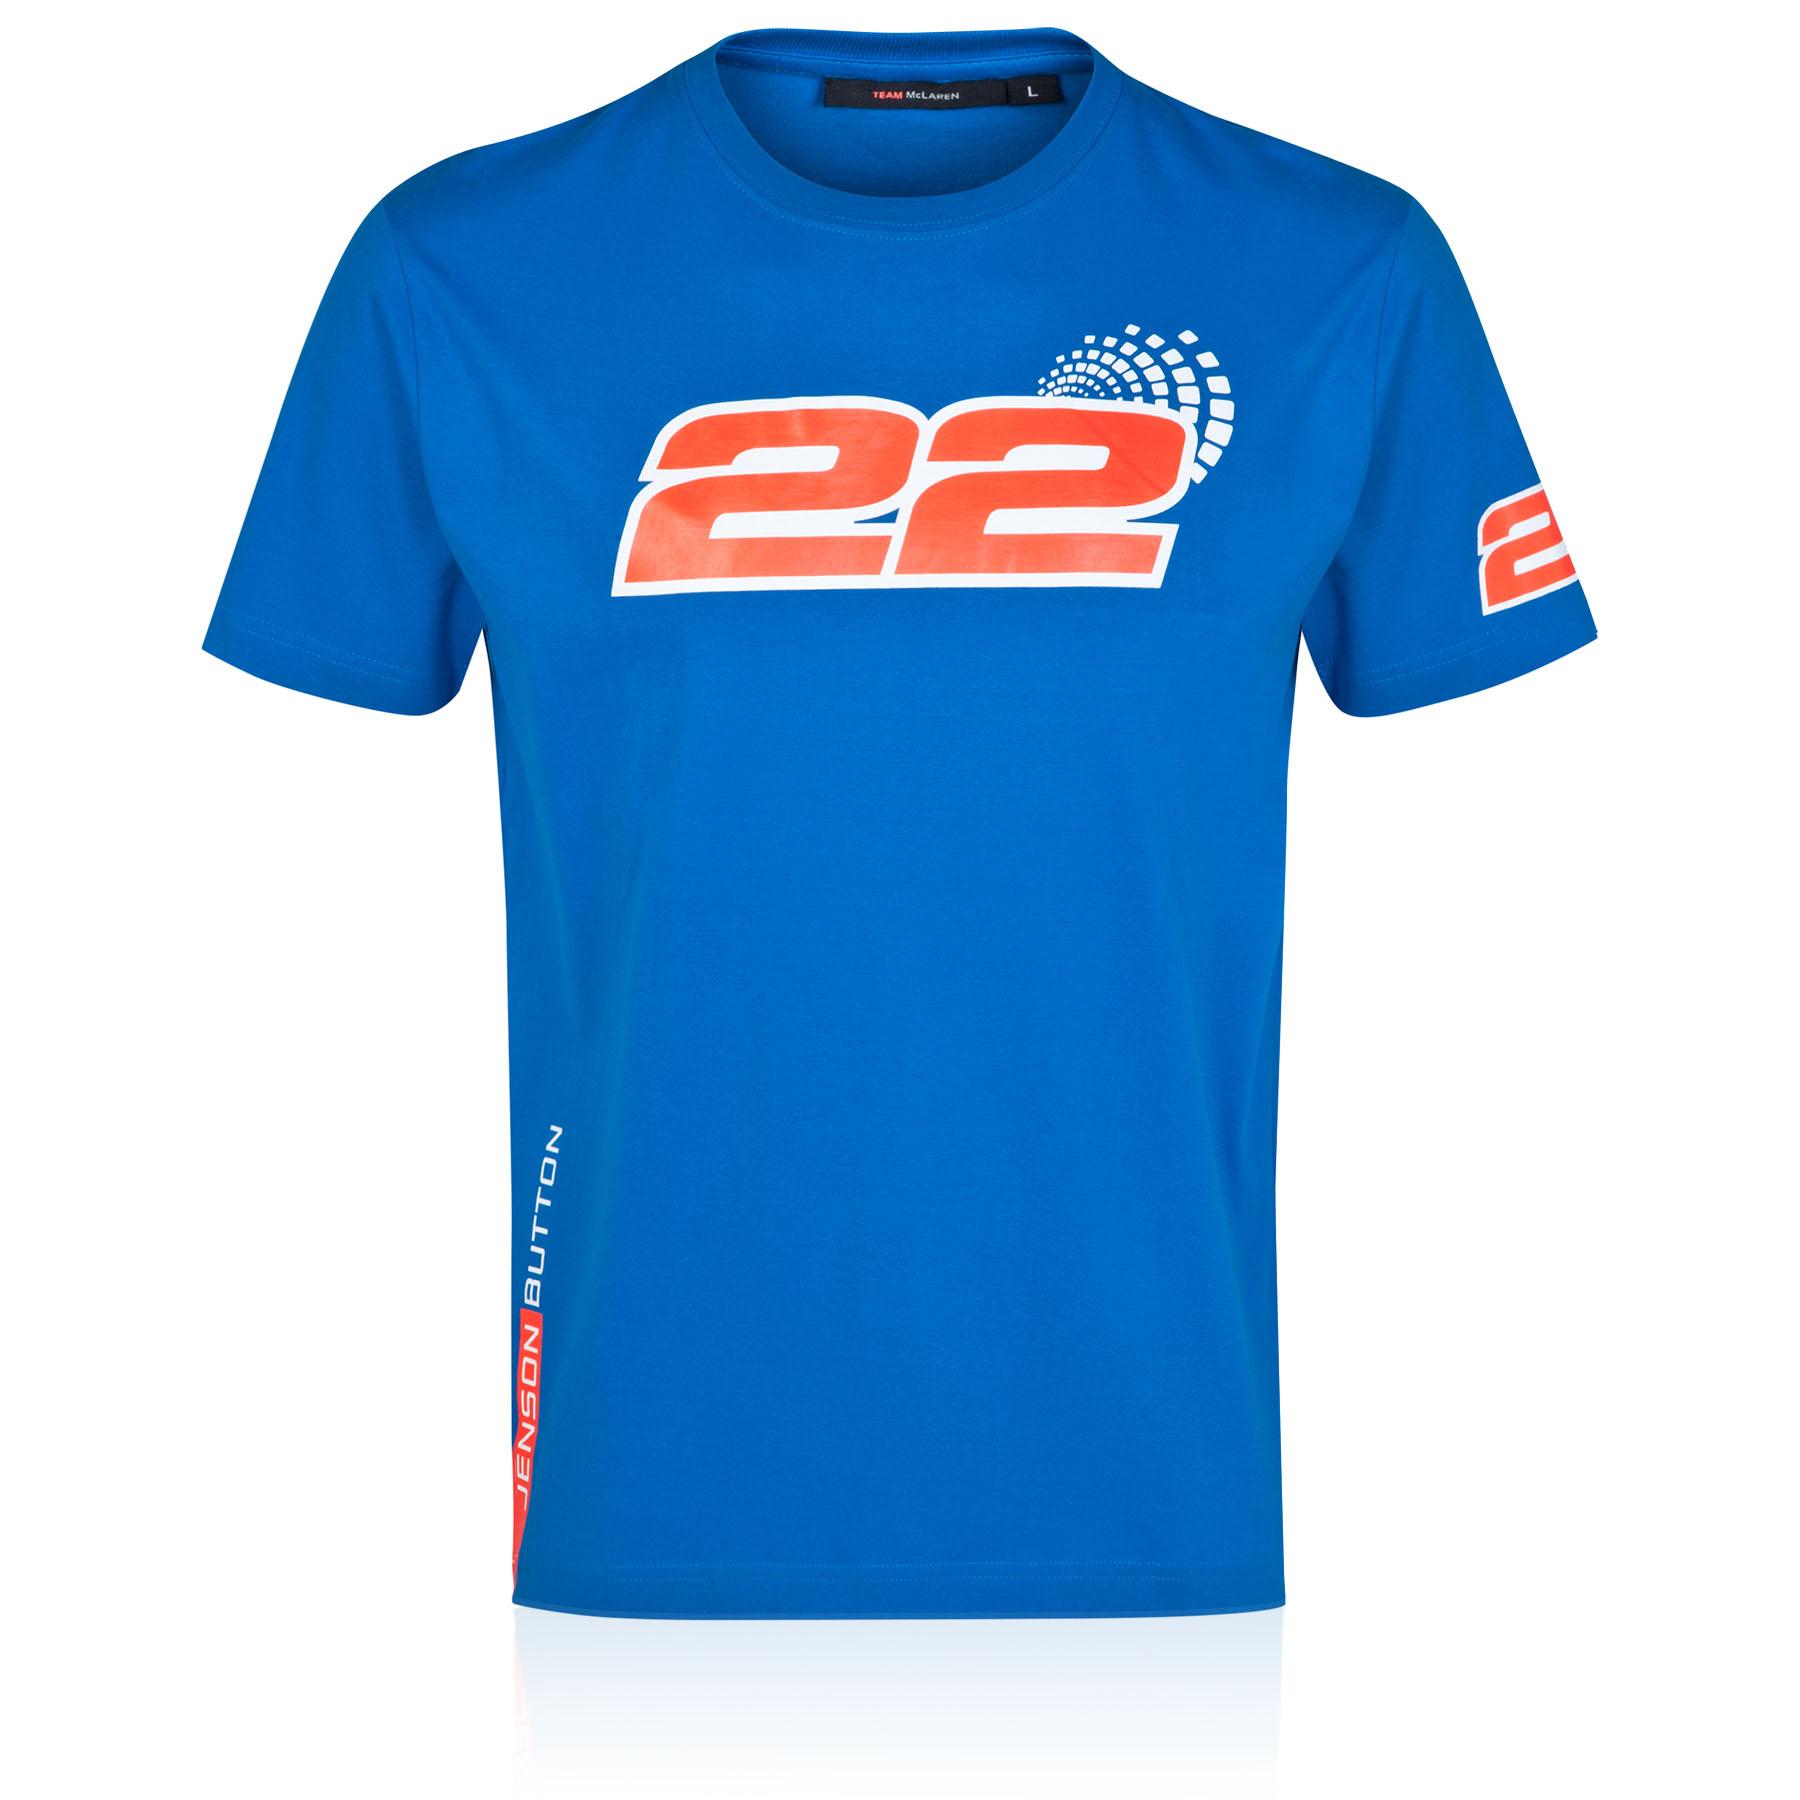 McLaren Mercedes Jenson Button 22 T-Shirt